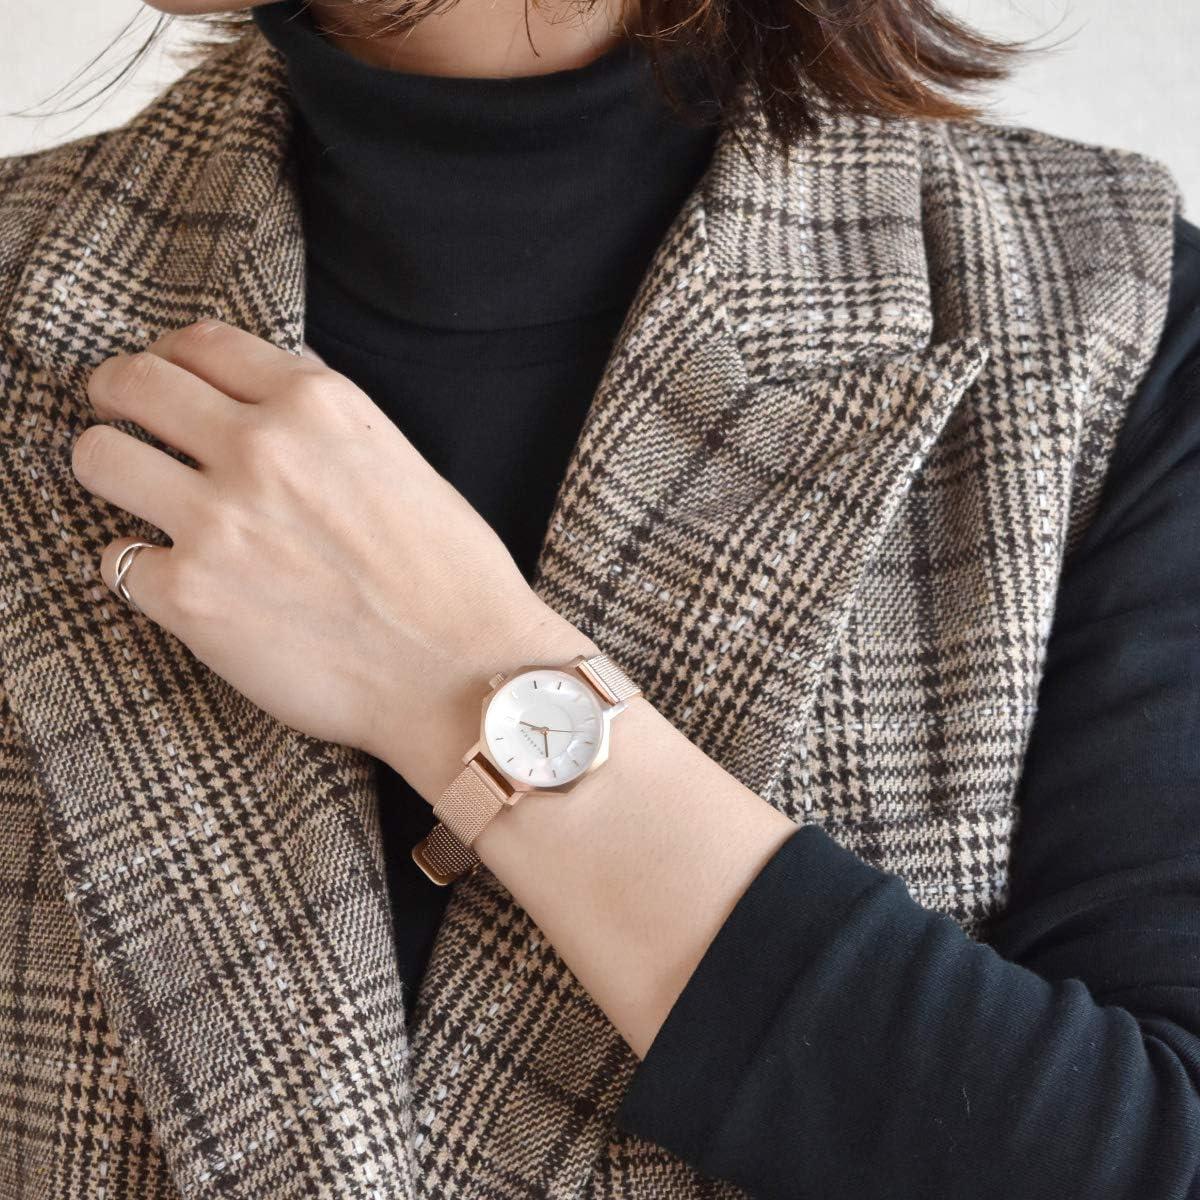 [クラス14] KLASSE14 OKTO MOP オクト 腕時計 レディース (28mm, White)